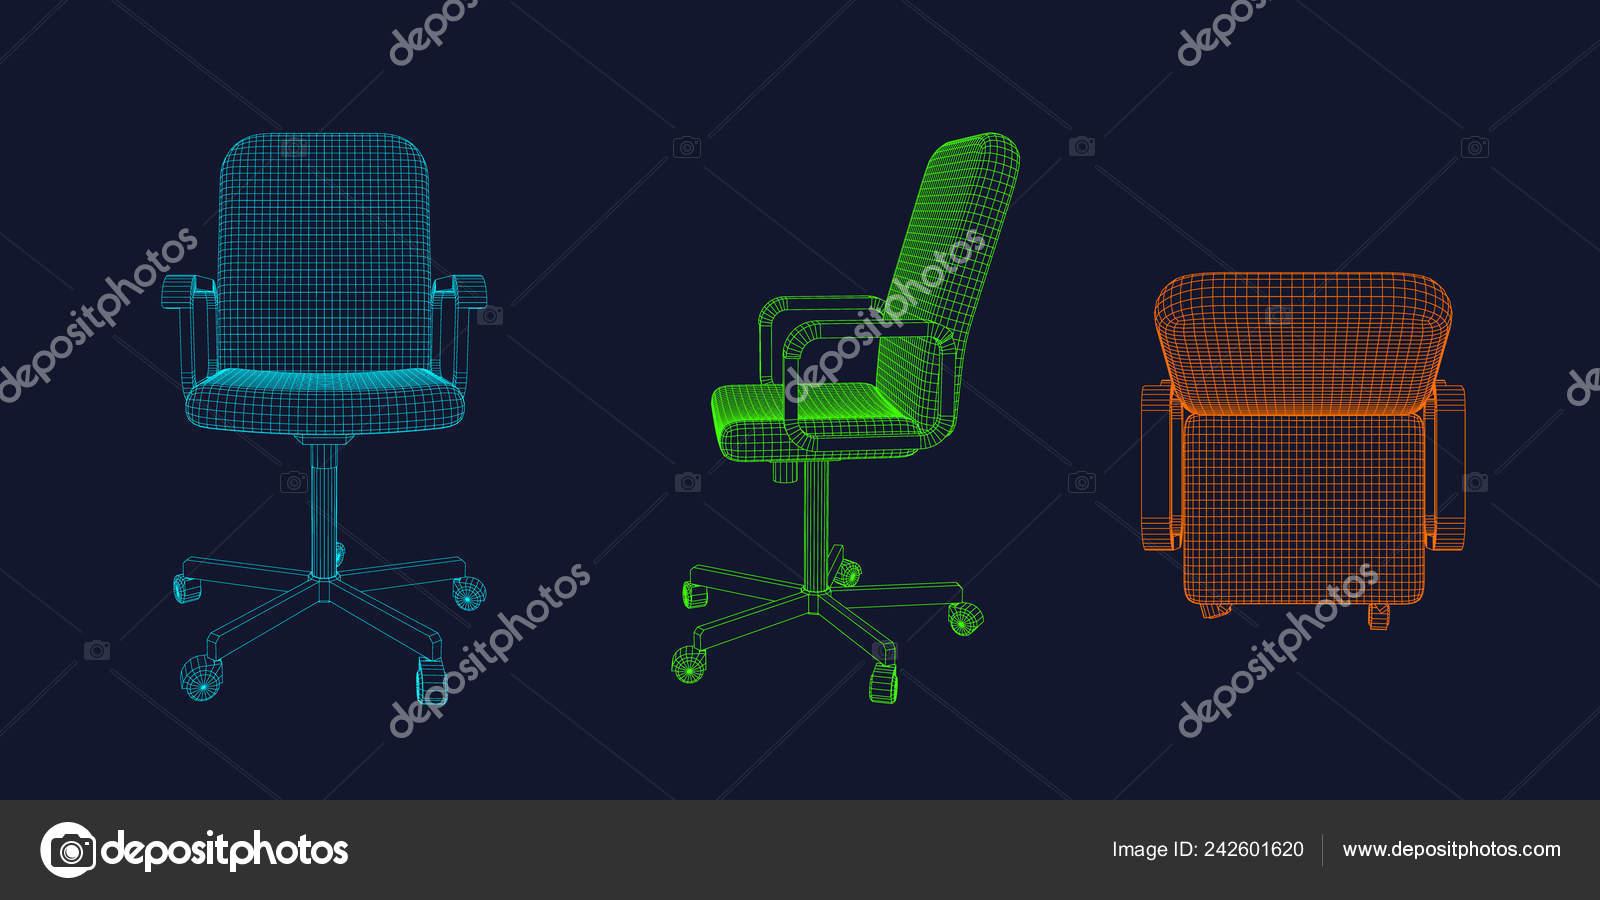 Vectorial Contorno Alambre Oficina Diferentes Silla Ilustración zVGUqSMp